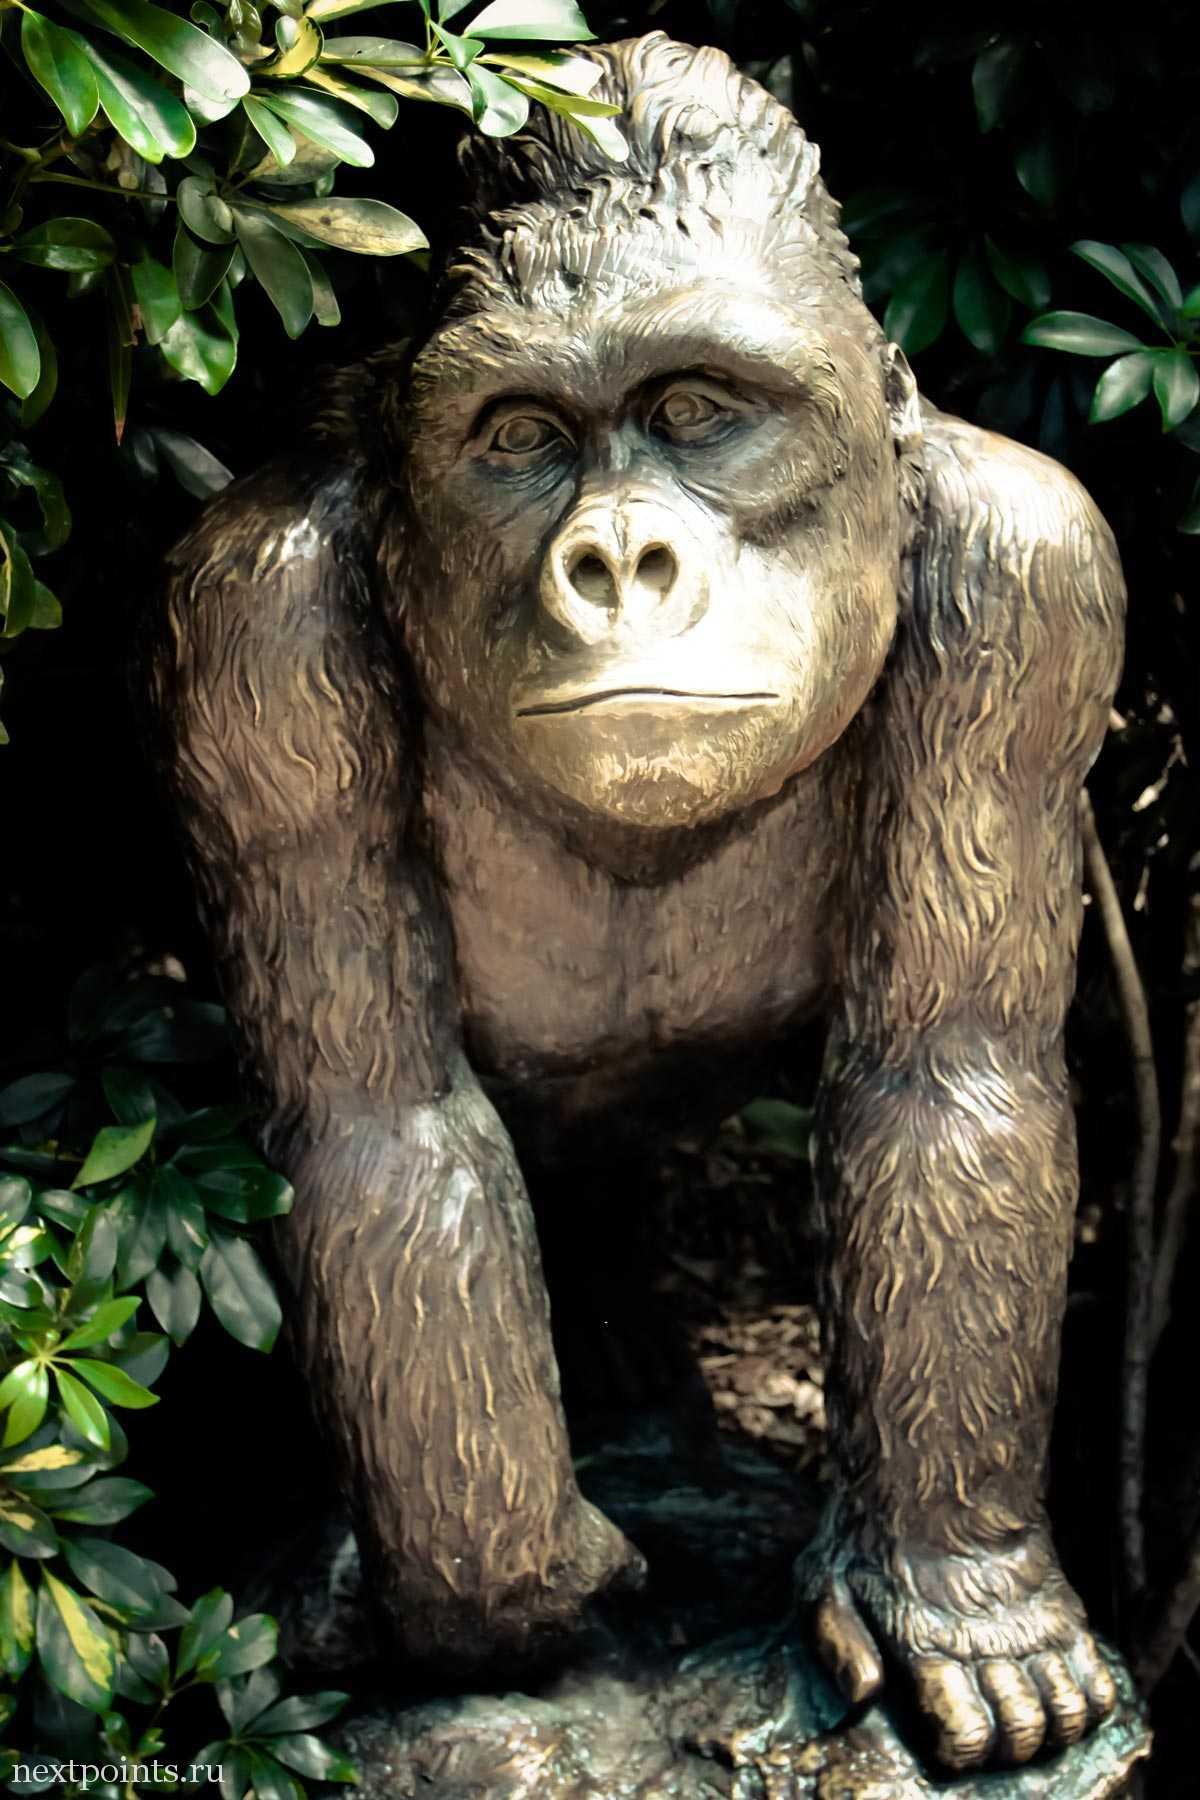 Бронзовая статуя гориллы